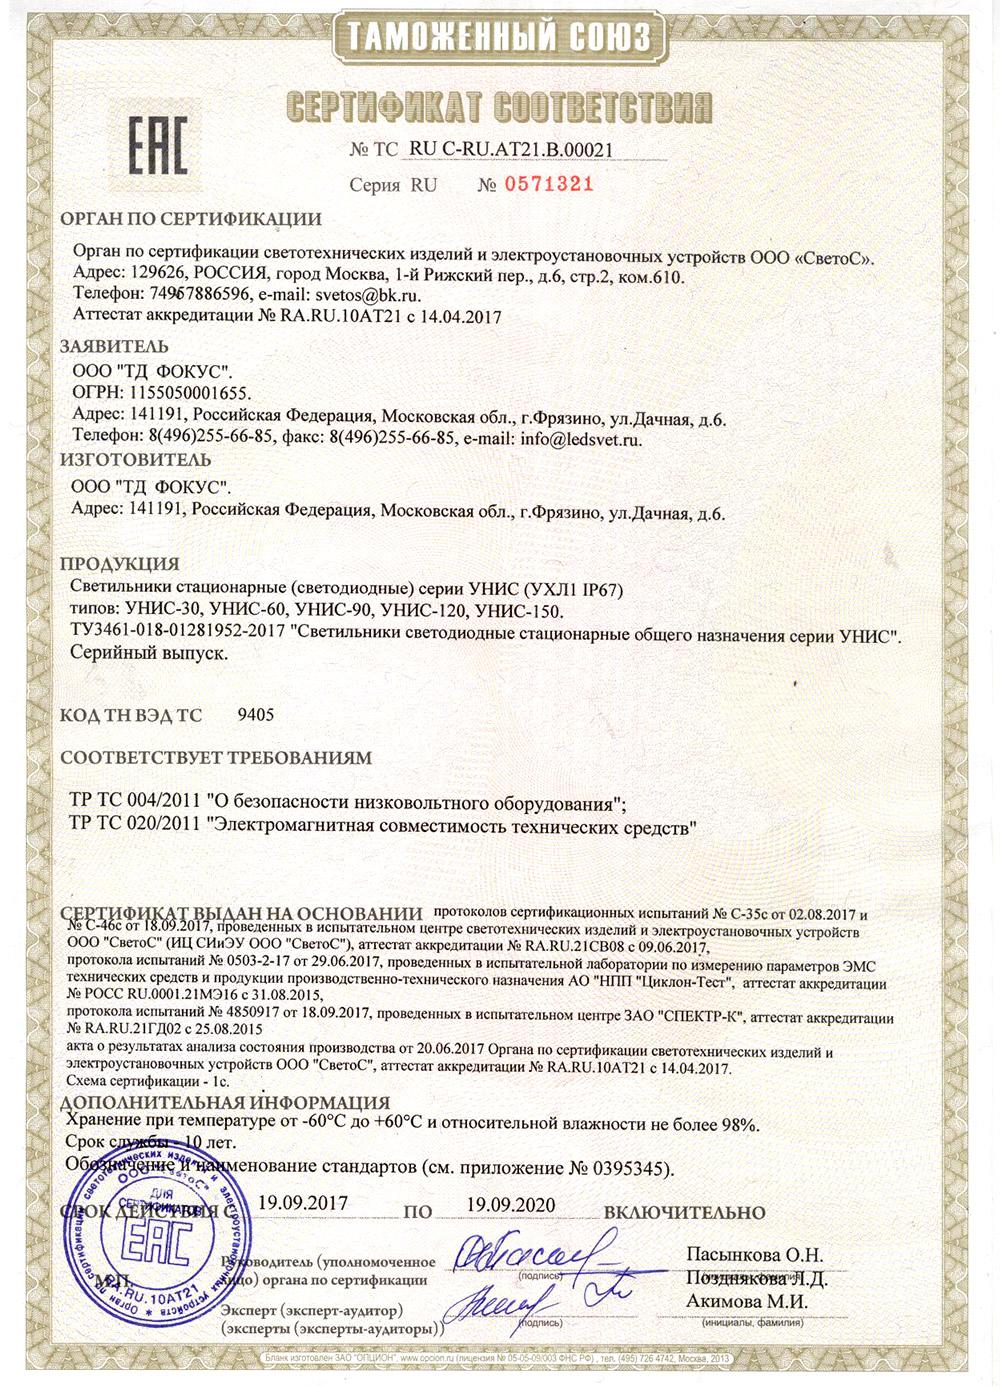 Сертификат соответствия Таможенного союза на светильники УНИС